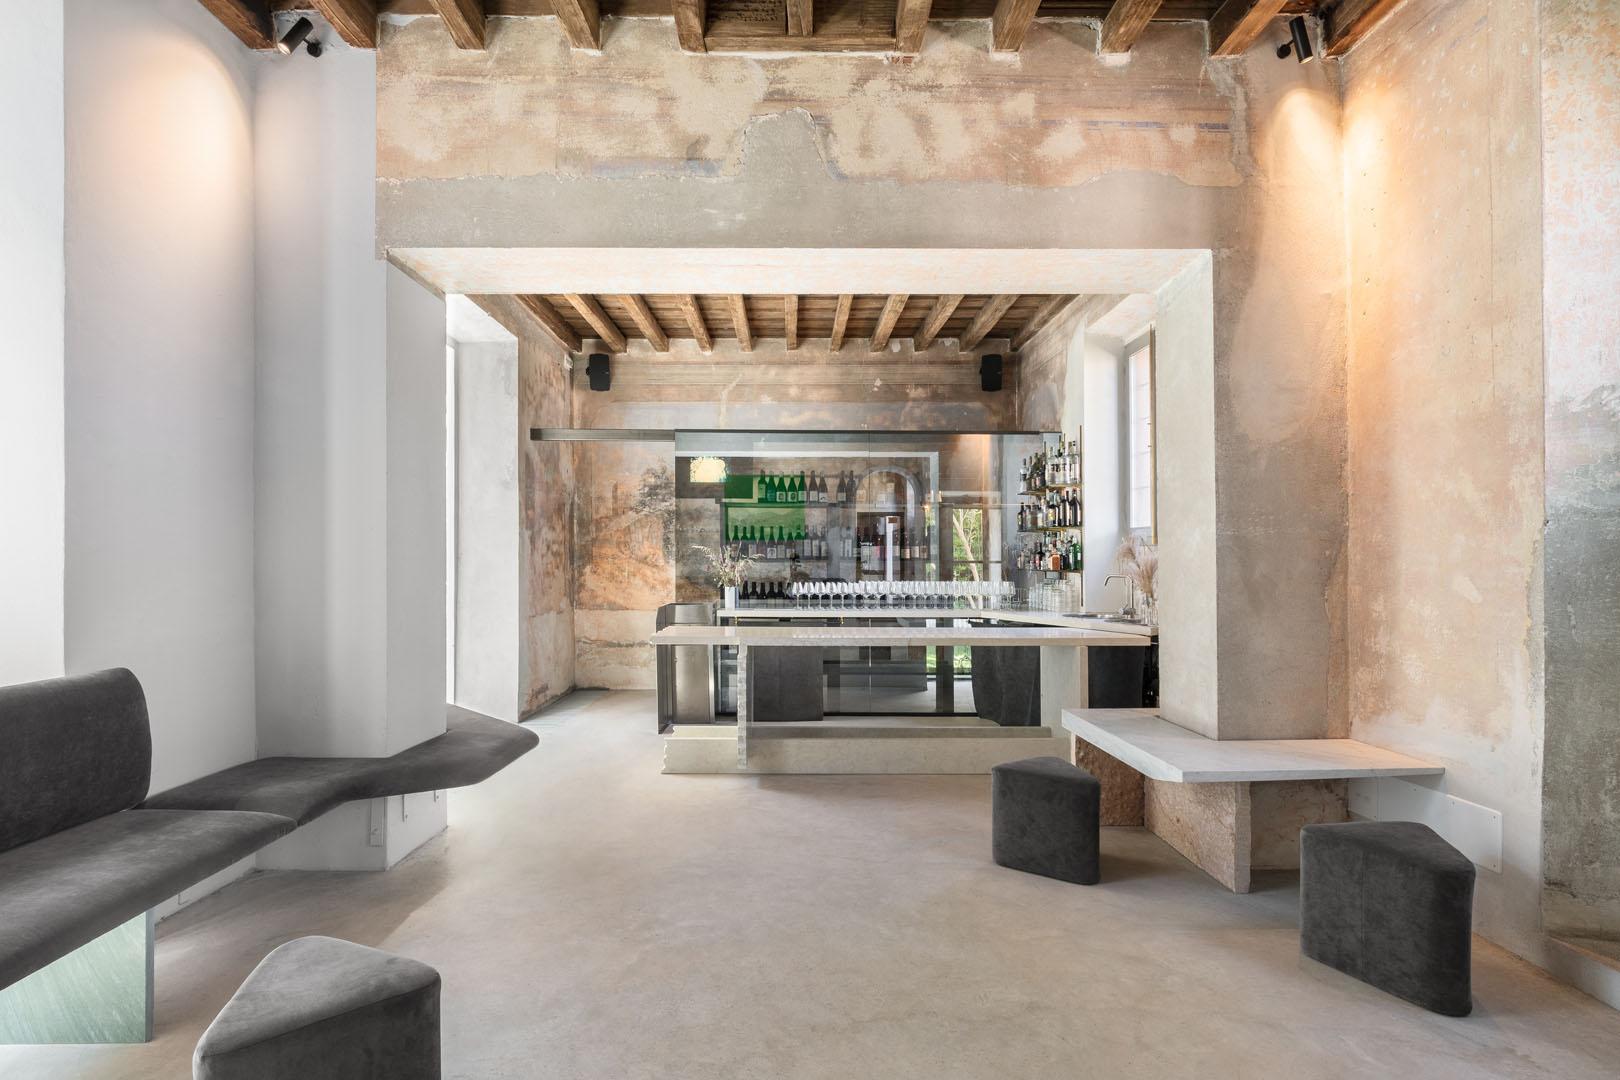 10_ristoranti_da_provare_a_novembre_motelombroso